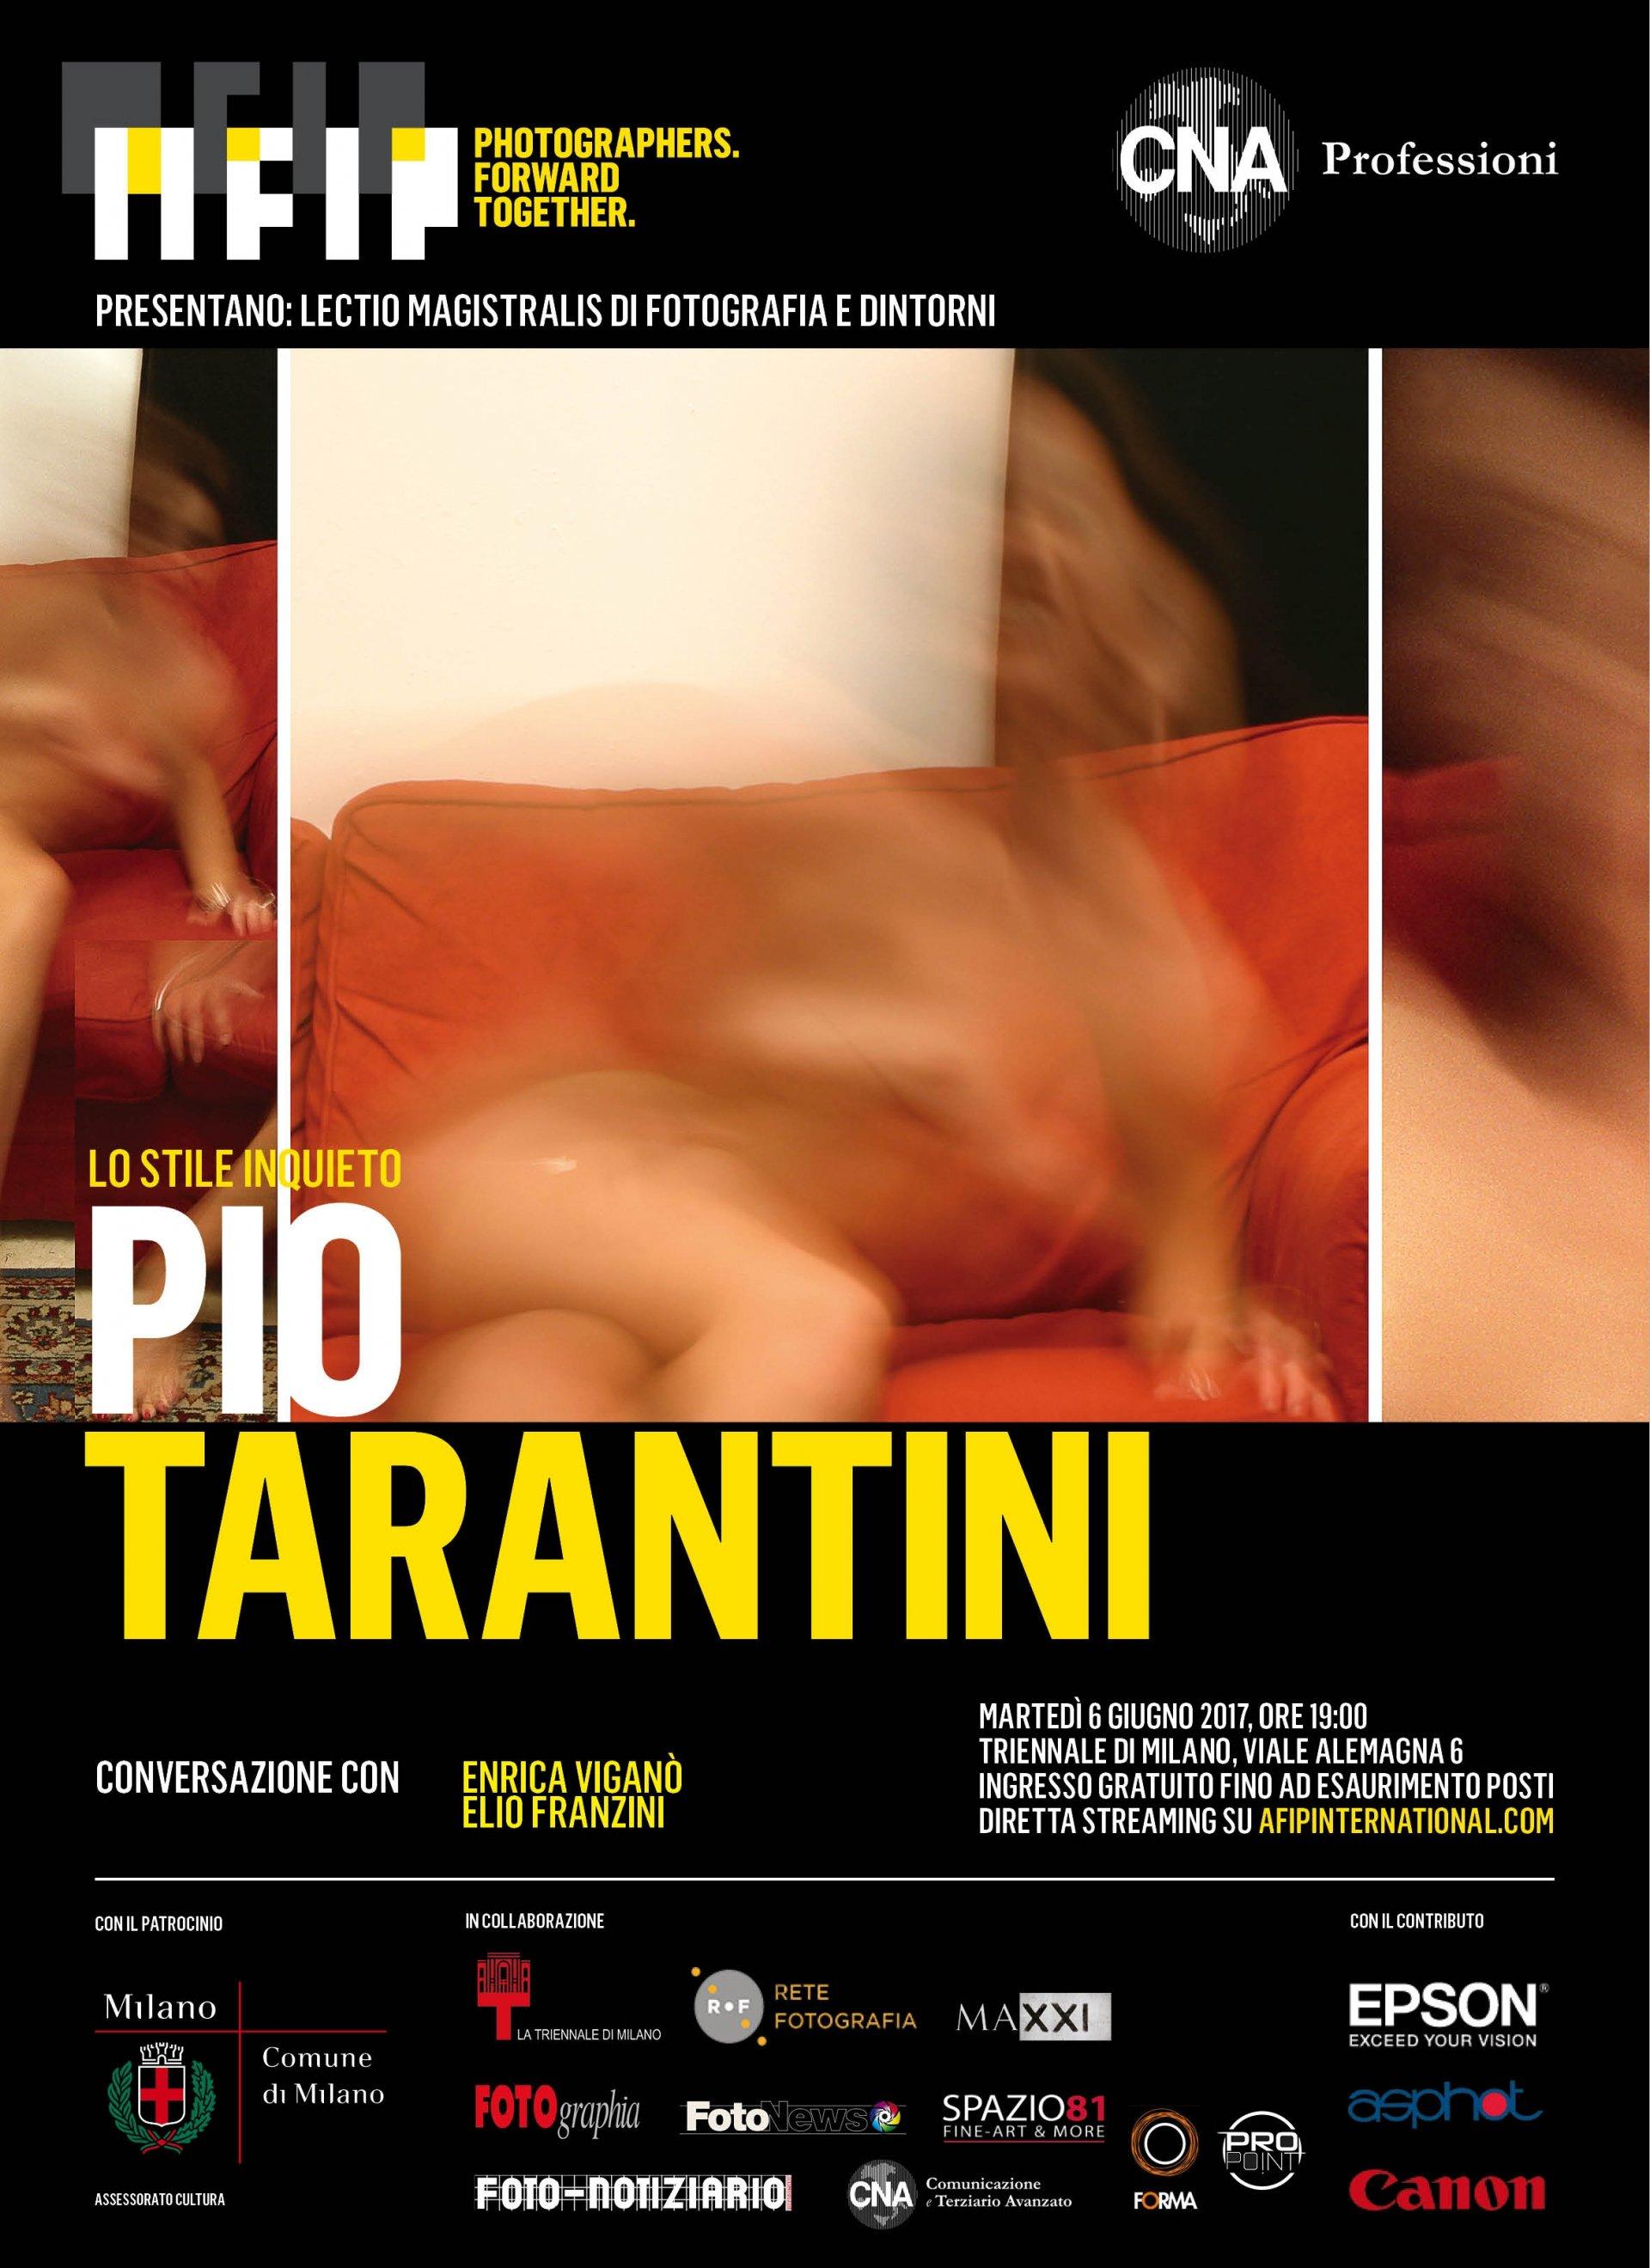 Triennale Milano, una lectio del fotografo Pio Tarantini sullo stile inquieto